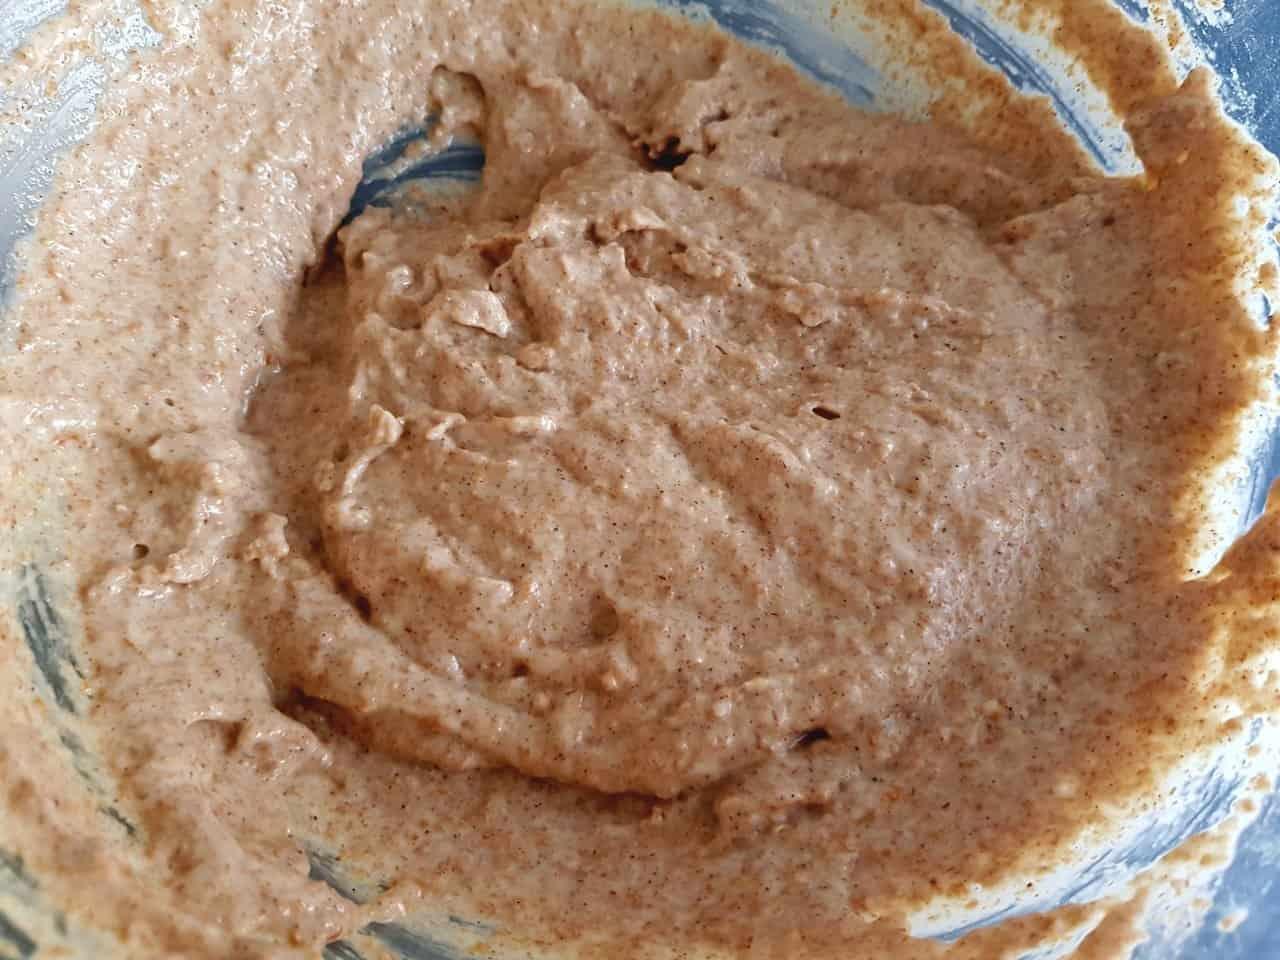 Mixing bowl with pancake batter.